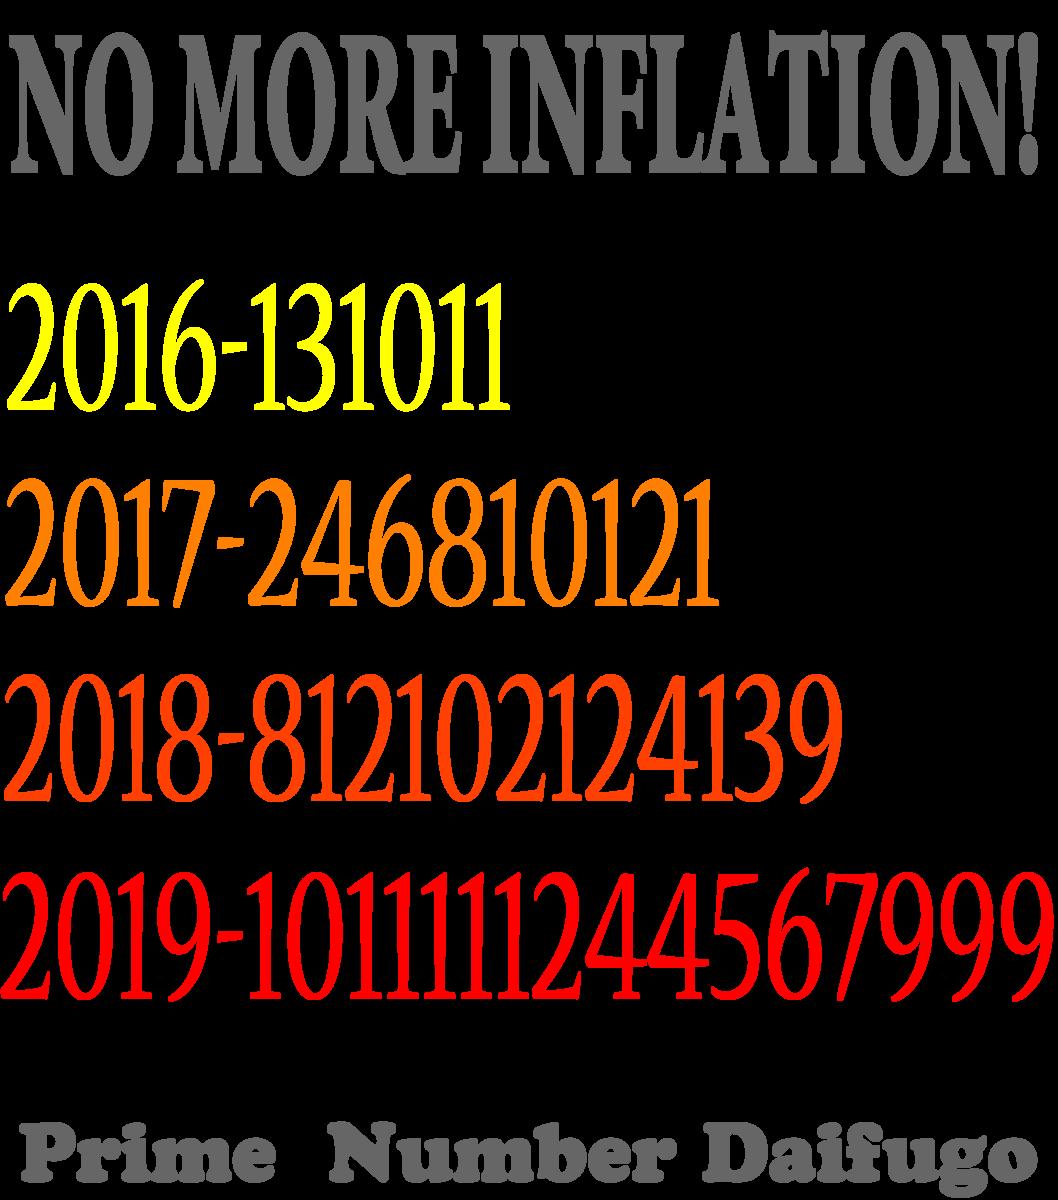 f:id:prm9973:20200121174038p:plain